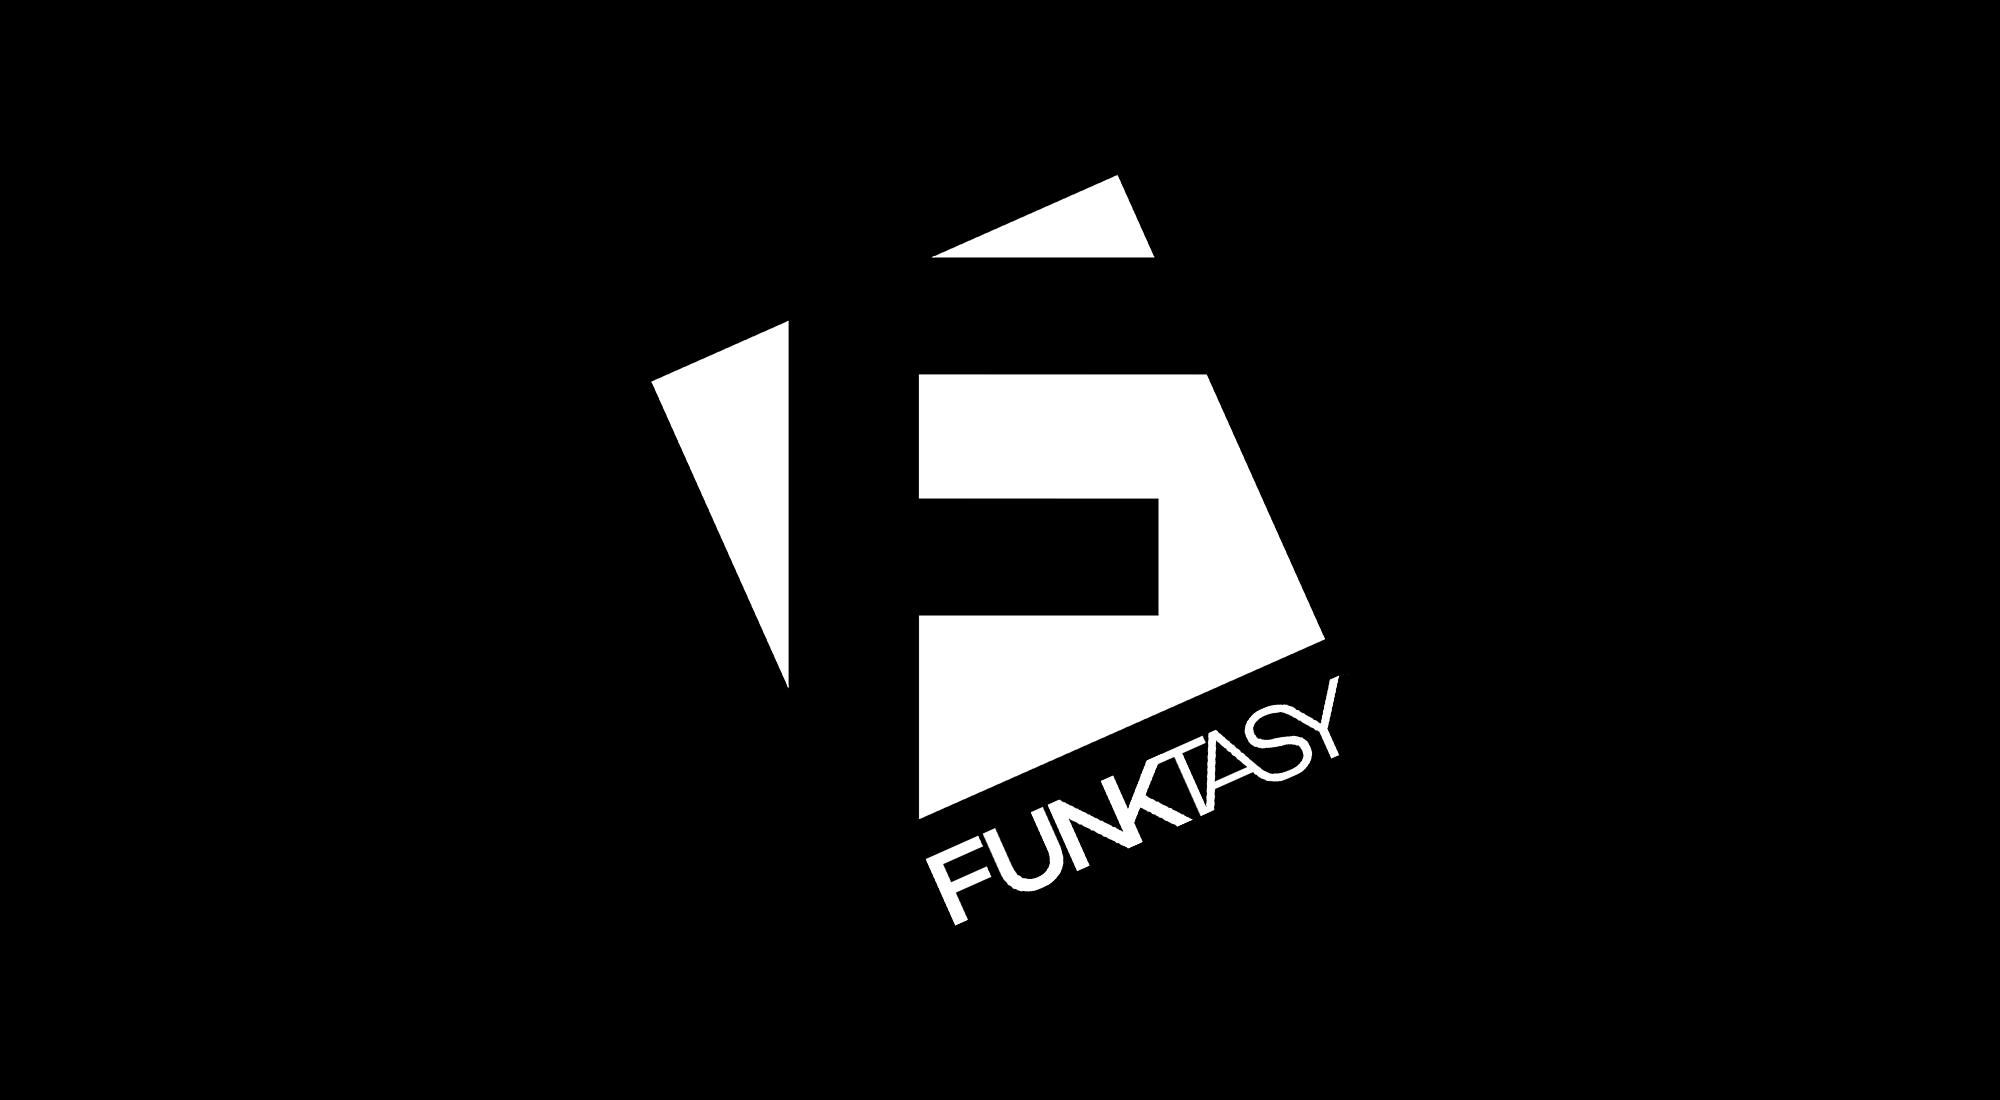 Funktasy